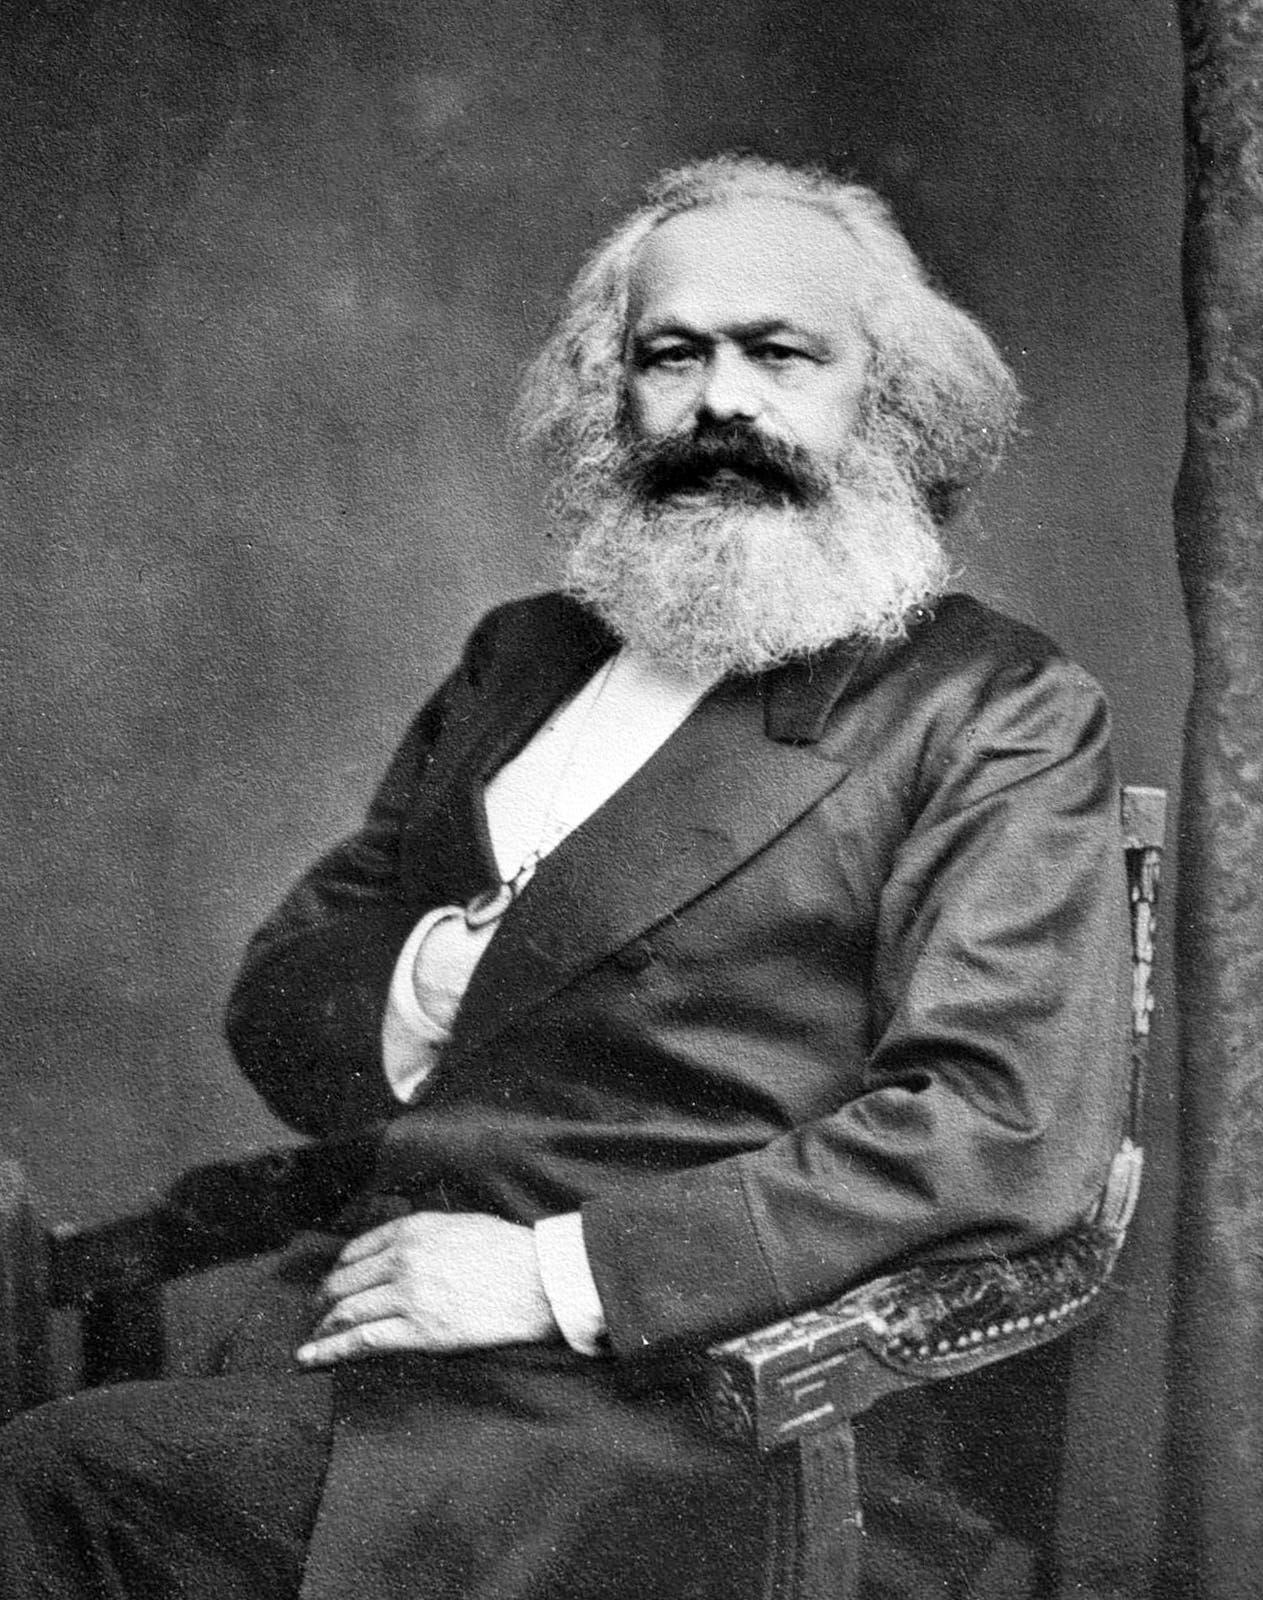 صورة لكارل ماركس